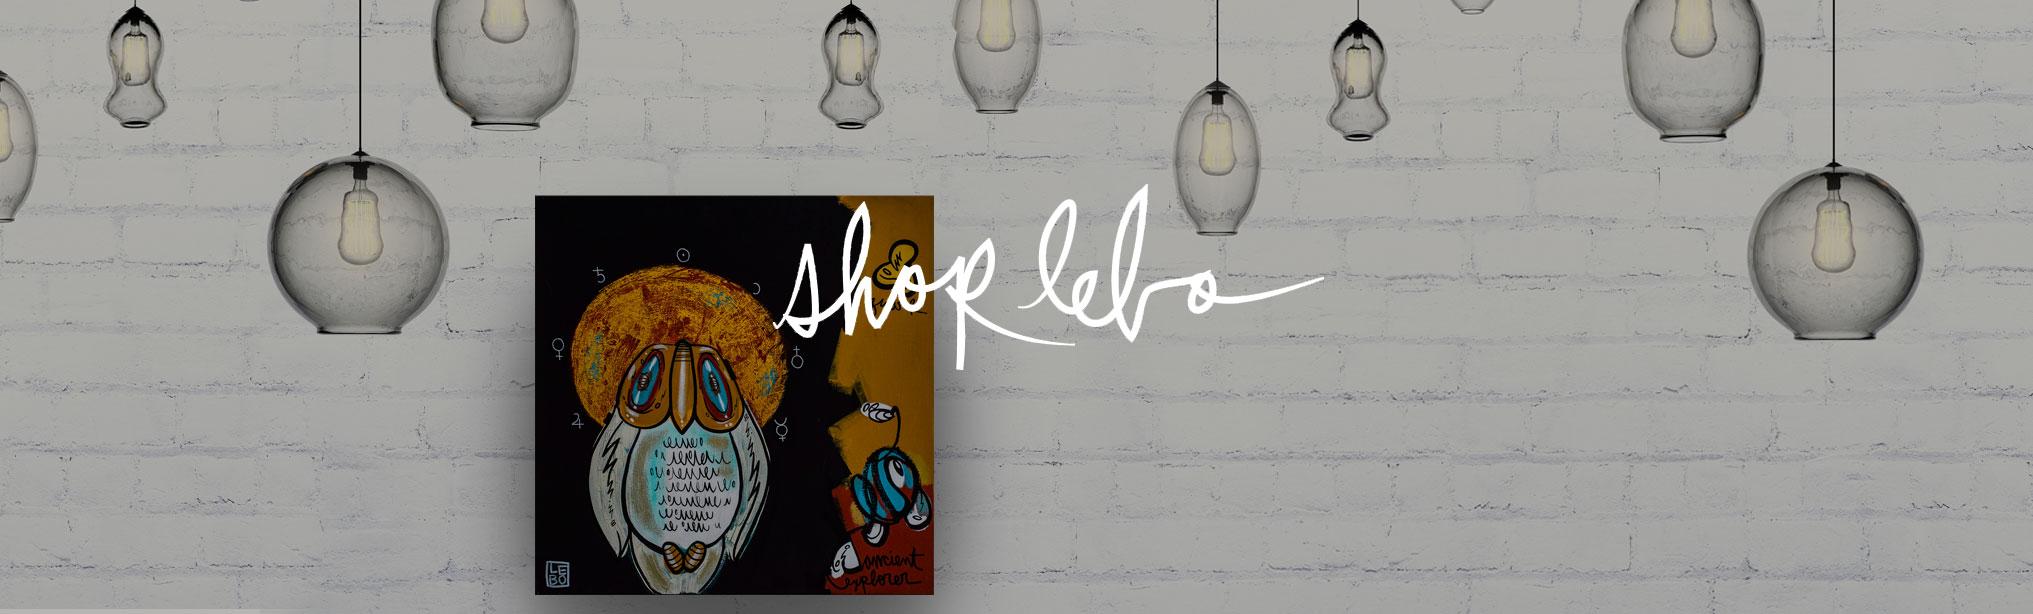 hero banner image